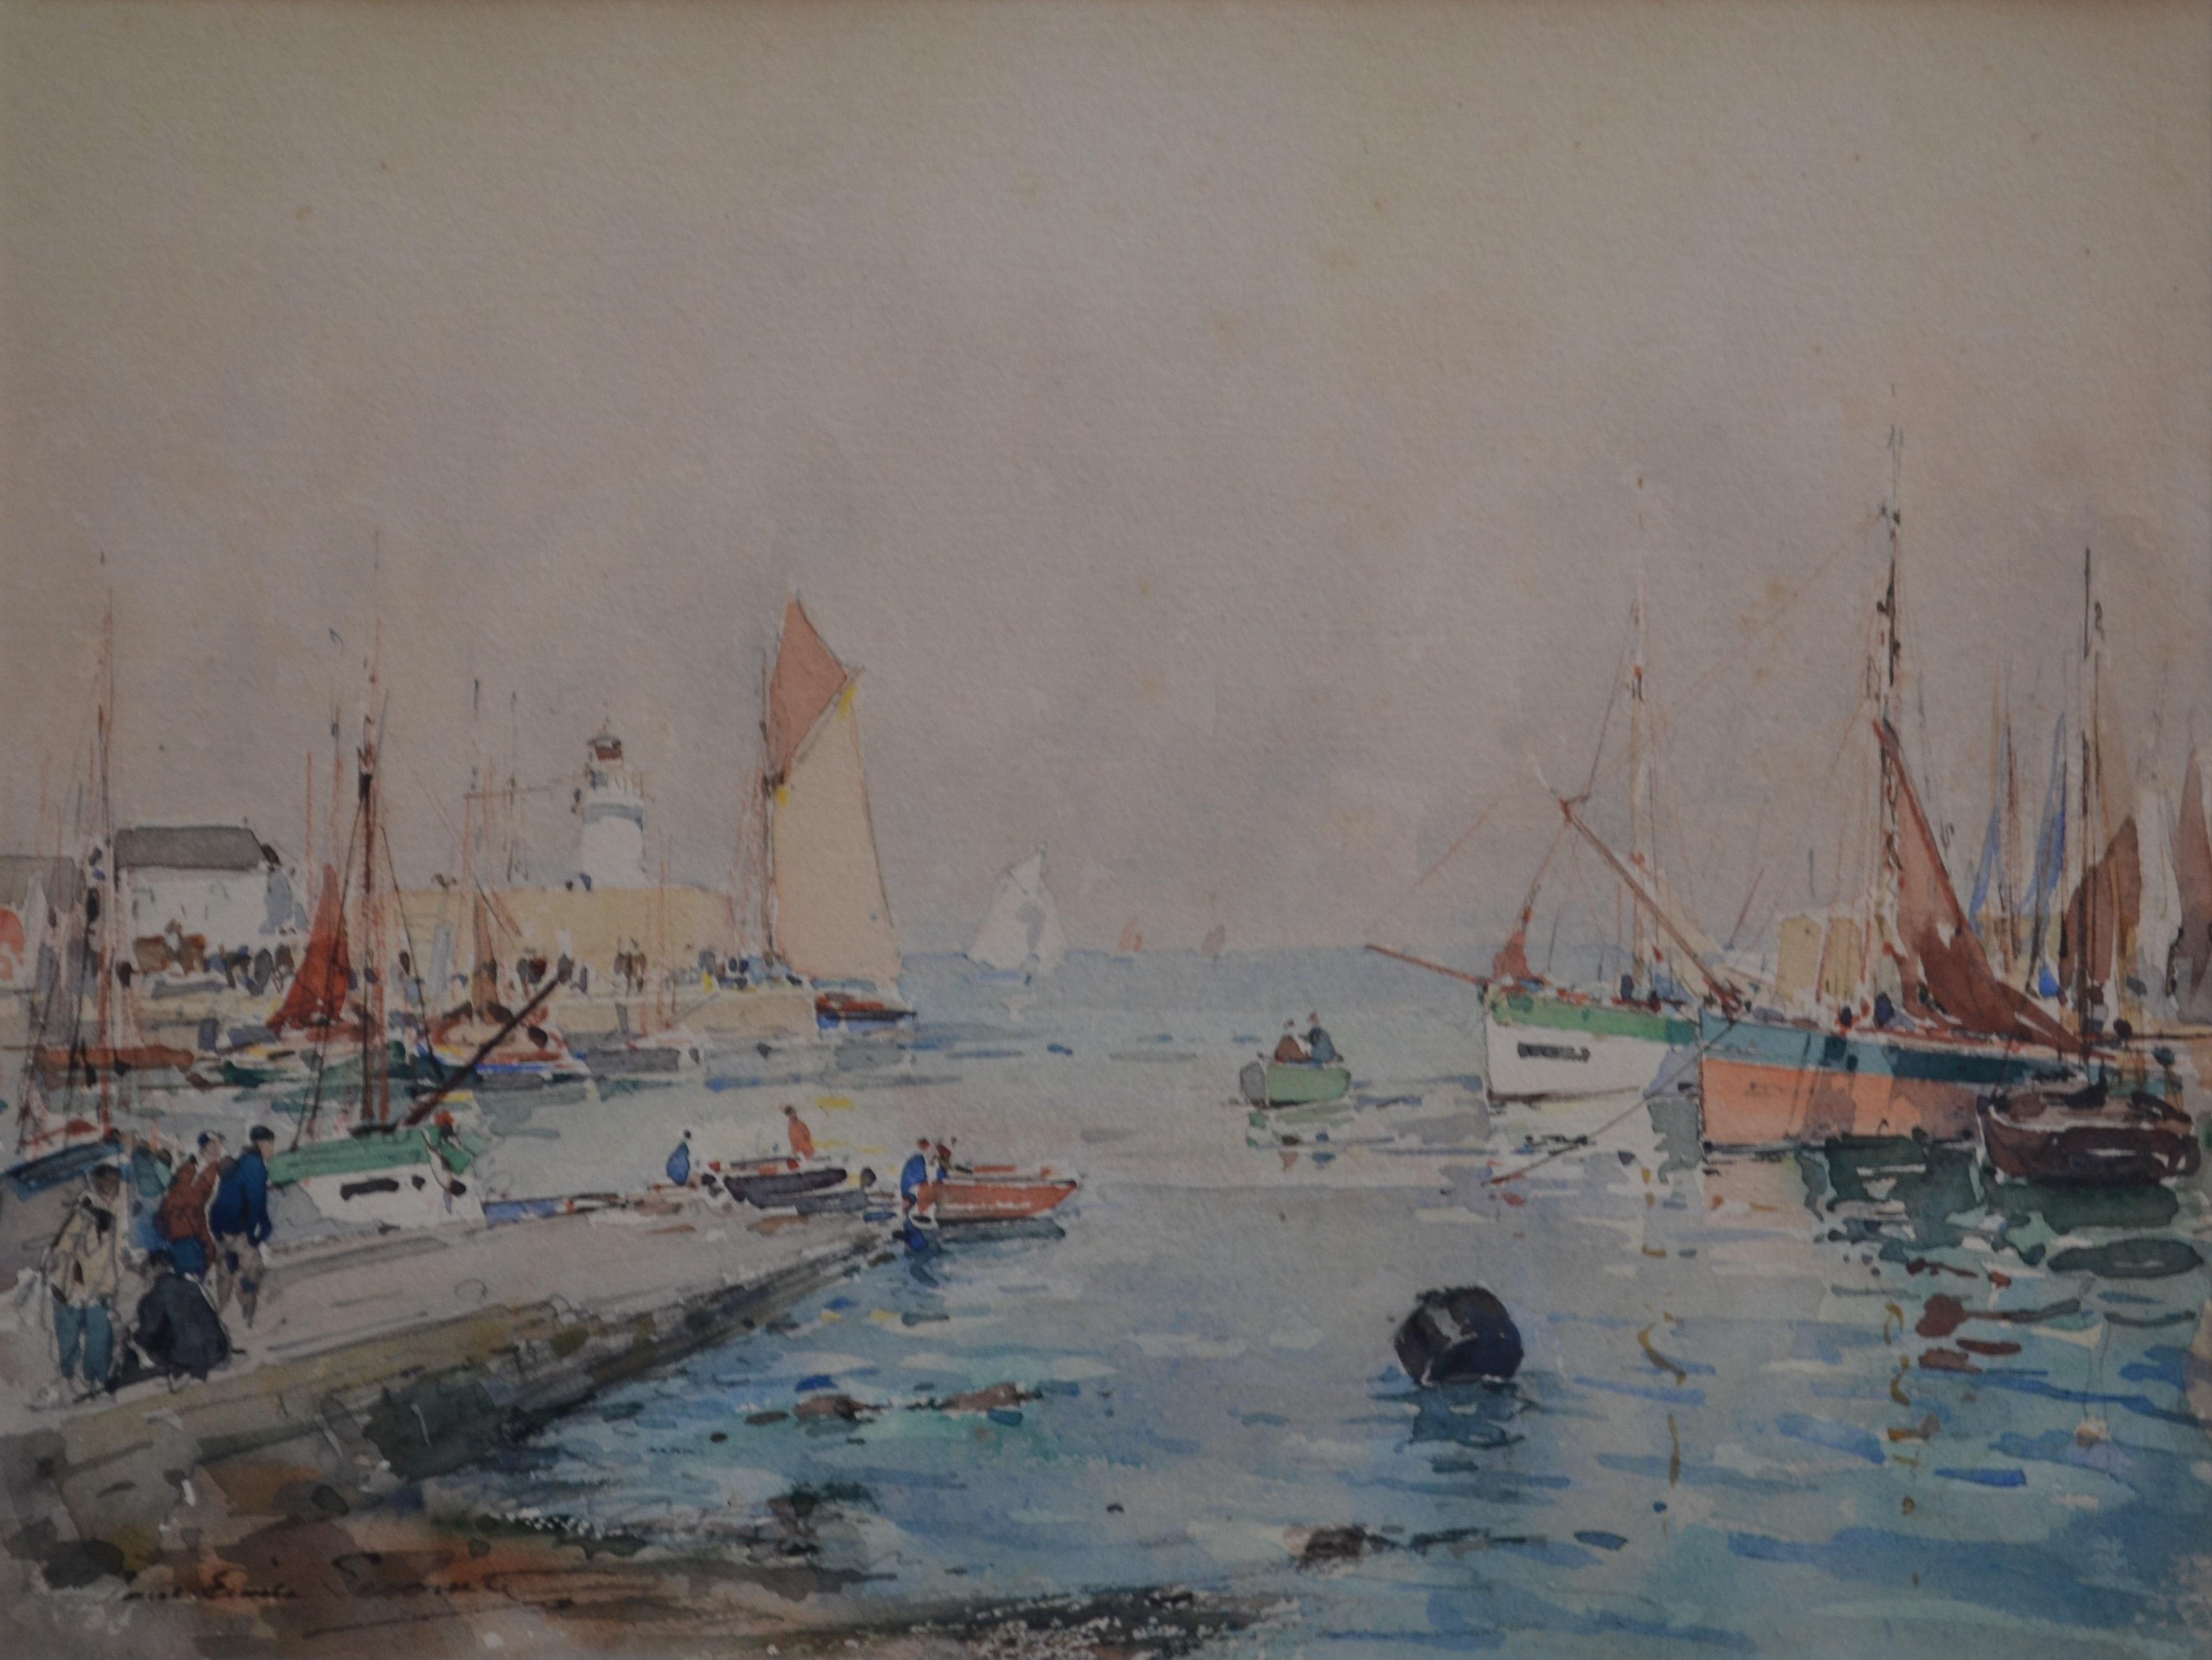 Vente Peintres de l'Atlantique et de la Mer chez Couton Veyrac Jamault : 186 lots